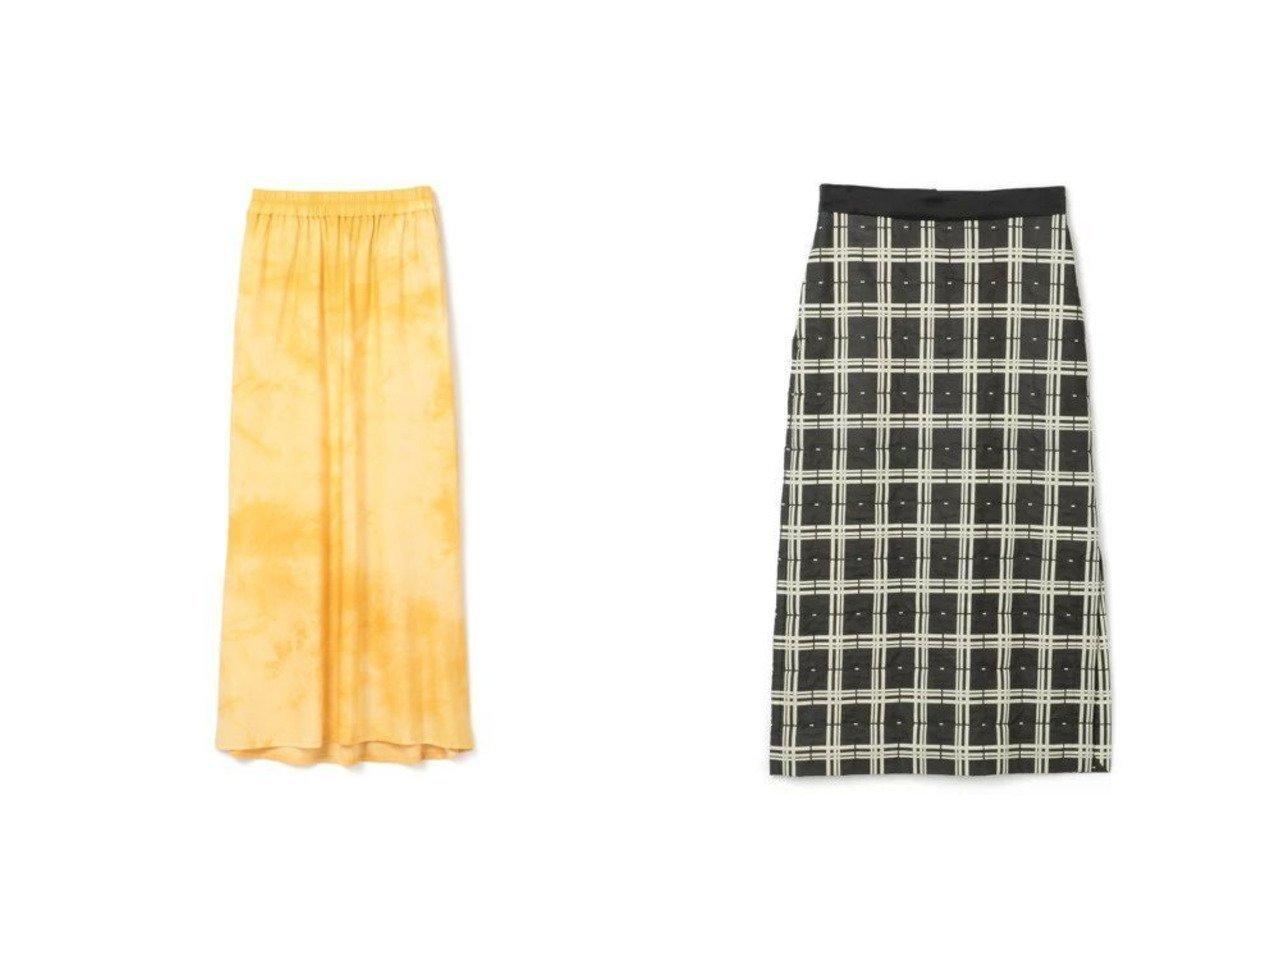 【08sircus/ゼロエイトサーカス】のPigment check bonding skirt&【R JUBILEE/アール ジュビリー】のSpot Dyeing Skirt スカートのおすすめ!人気、トレンド・レディースファッションの通販  おすすめで人気の流行・トレンド、ファッションの通販商品 メンズファッション・キッズファッション・インテリア・家具・レディースファッション・服の通販 founy(ファニー) https://founy.com/ ファッション Fashion レディースファッション WOMEN スカート Skirt マキシ ロング 楽ちん 2021年 2021 2021 春夏 S/S SS Spring/Summer 2021 S/S 春夏 SS Spring/Summer エレガント サテン スリット チェック プリント ボンディング |ID:crp329100000009735